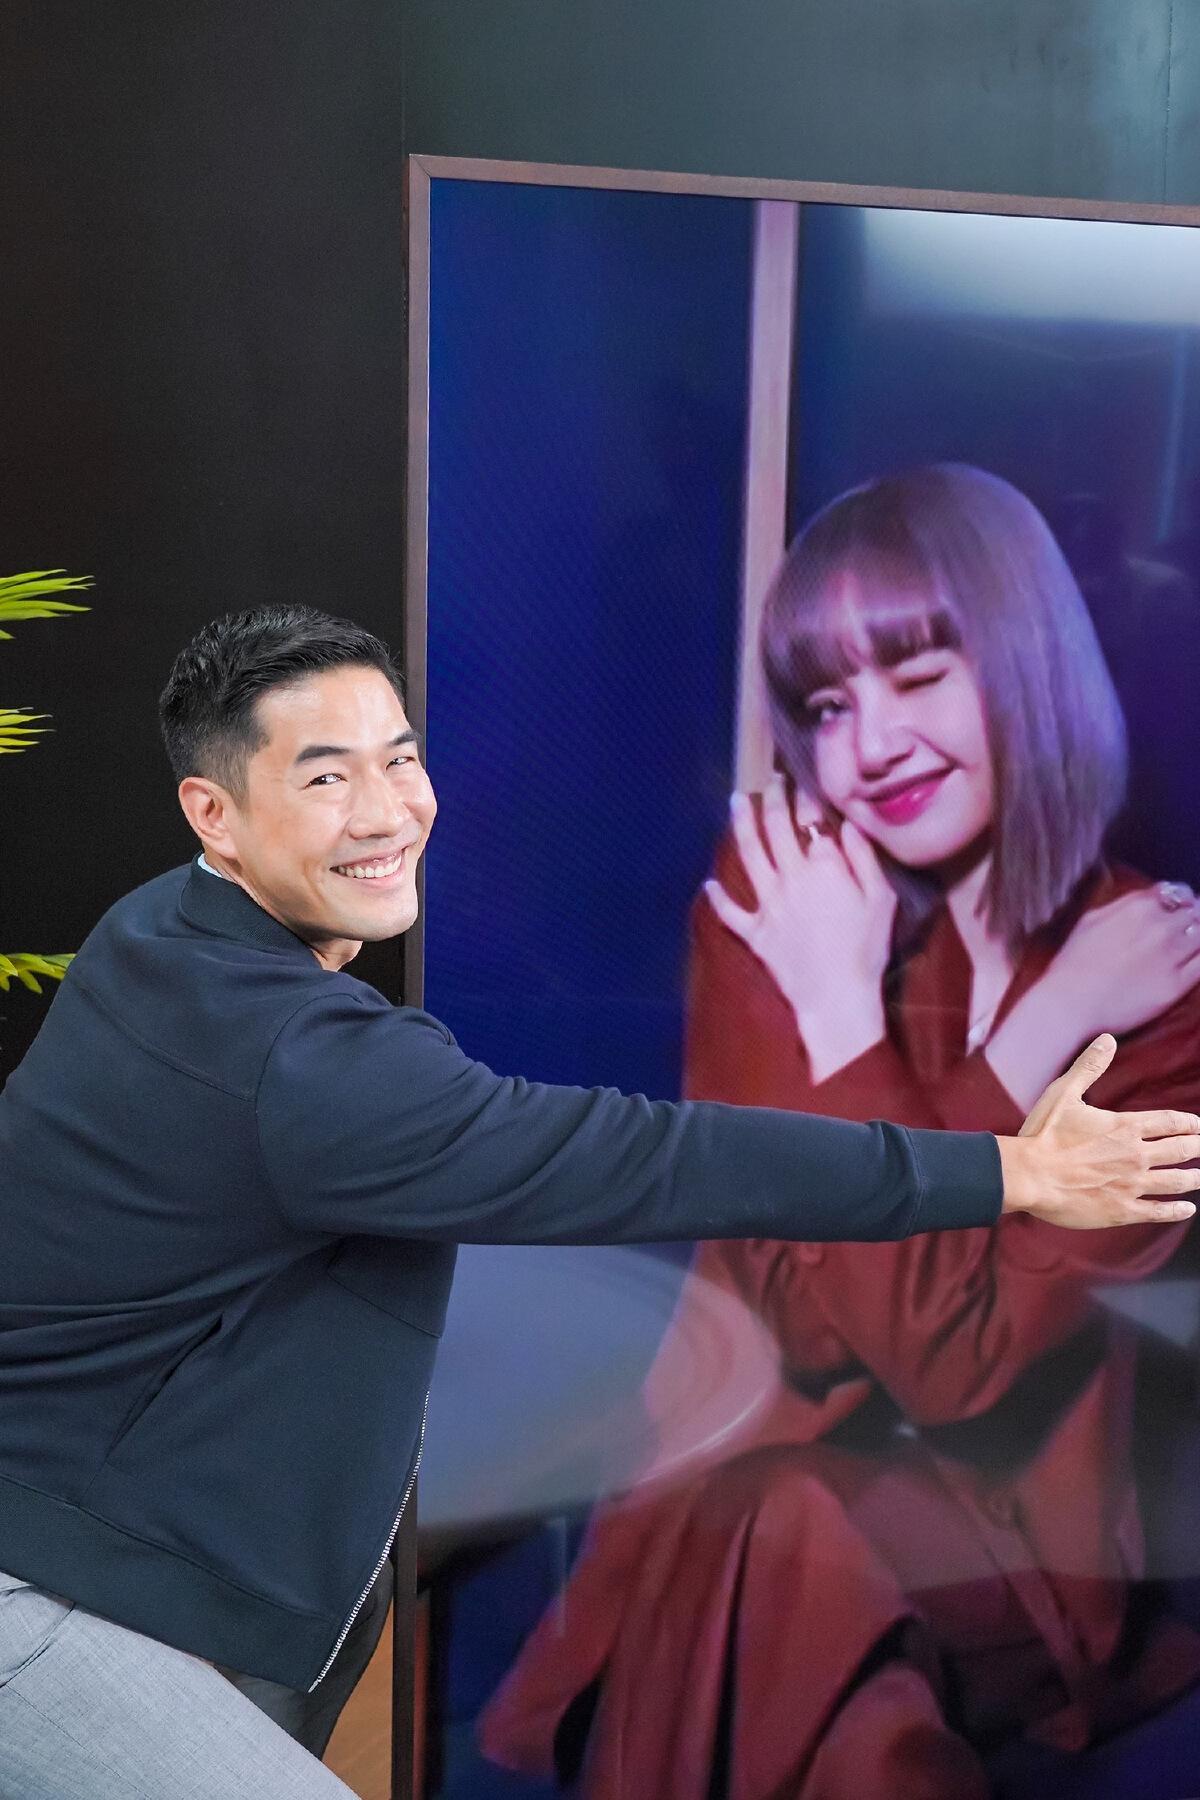 """คำต่อคำ """"ลิซ่า BLACKPINK"""" สัมภาษณ์อย่างเป็นทางการครั้งแรกในไทย!"""